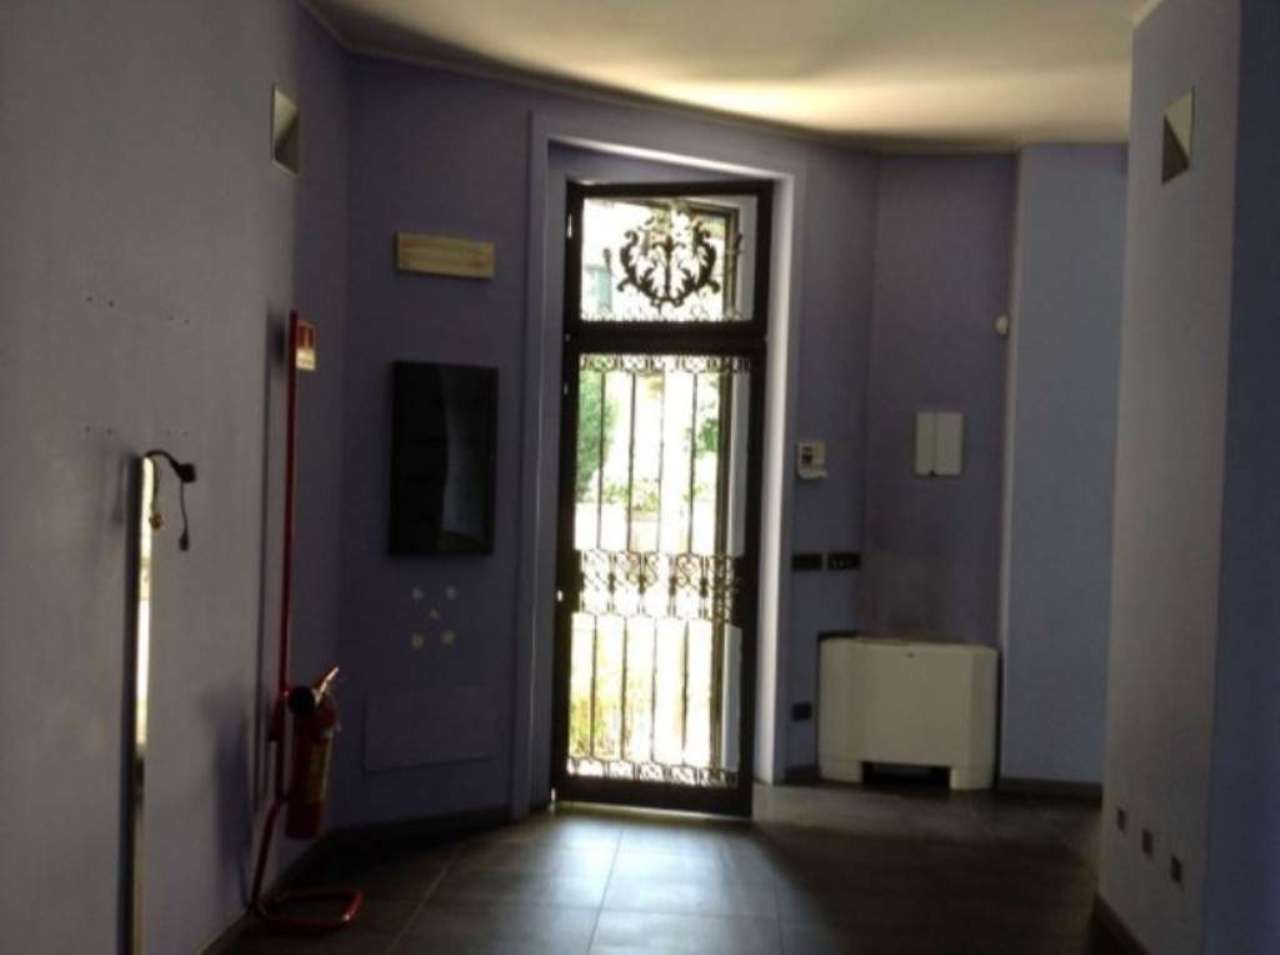 Ufficio / Studio in affitto a Varese, 6 locali, prezzo € 5.000 | CambioCasa.it